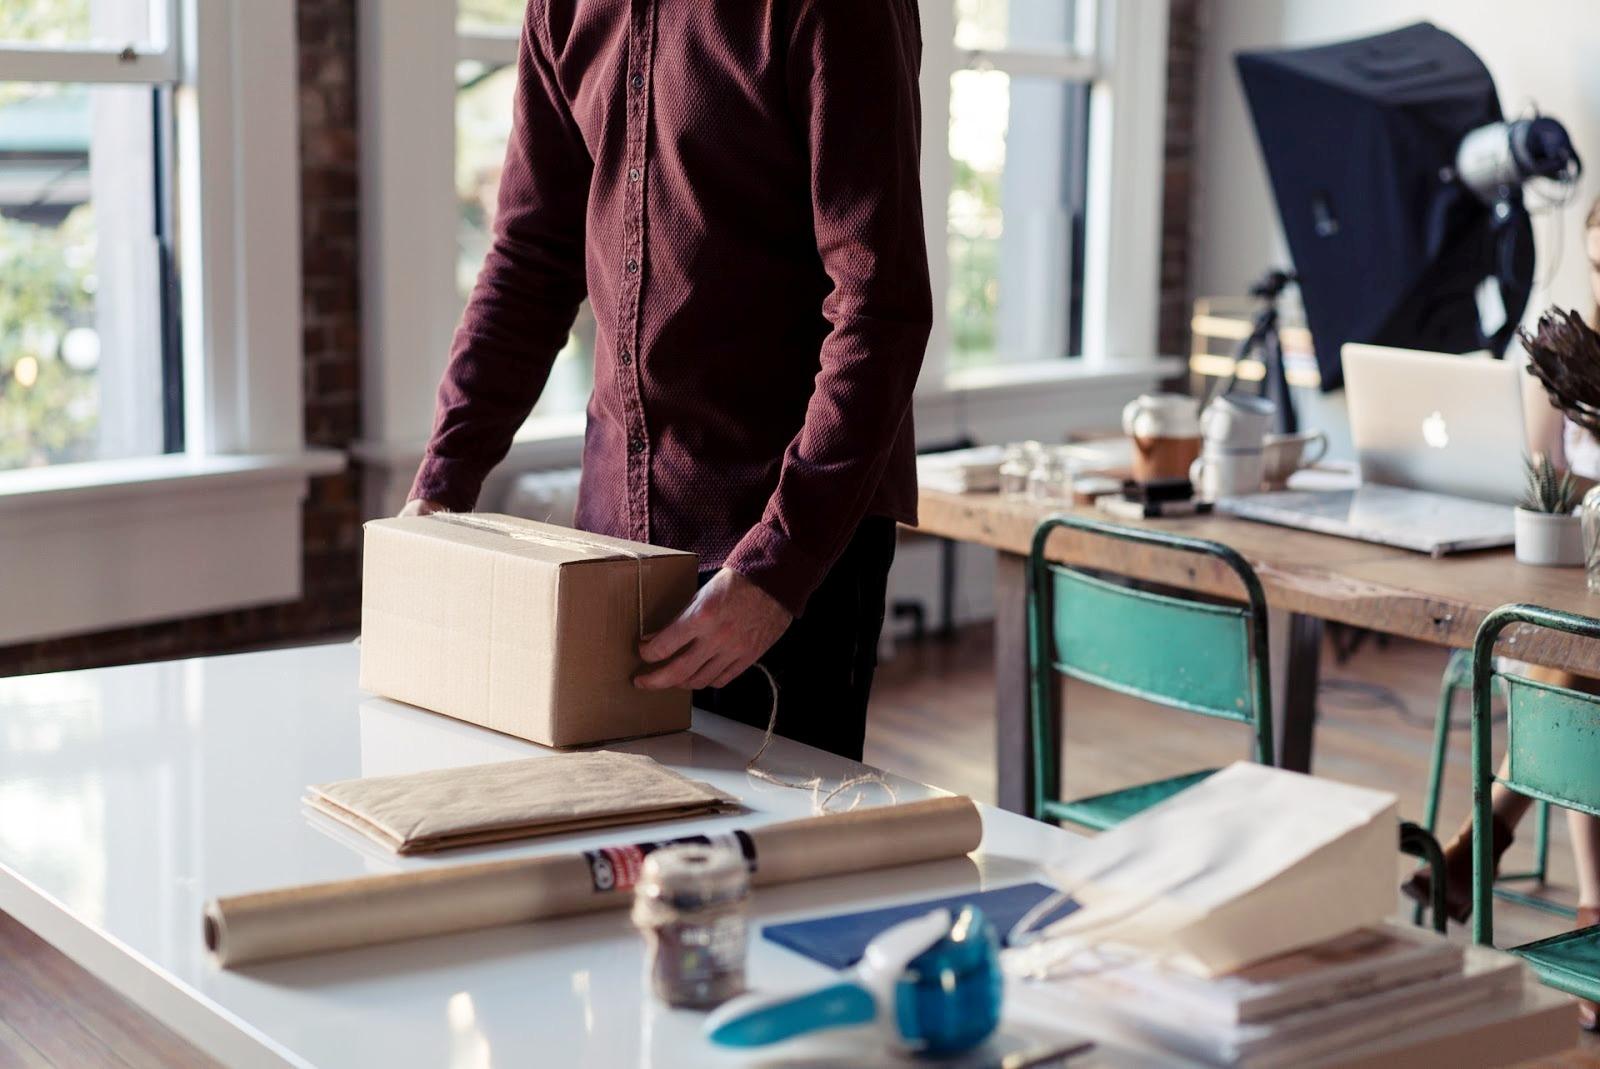 Reciclável, biodegradável e proveniente de matéria-prima renovável, a caixa de papelão é considerada uma embalagem sustentável (Foto: Adobe Stock)